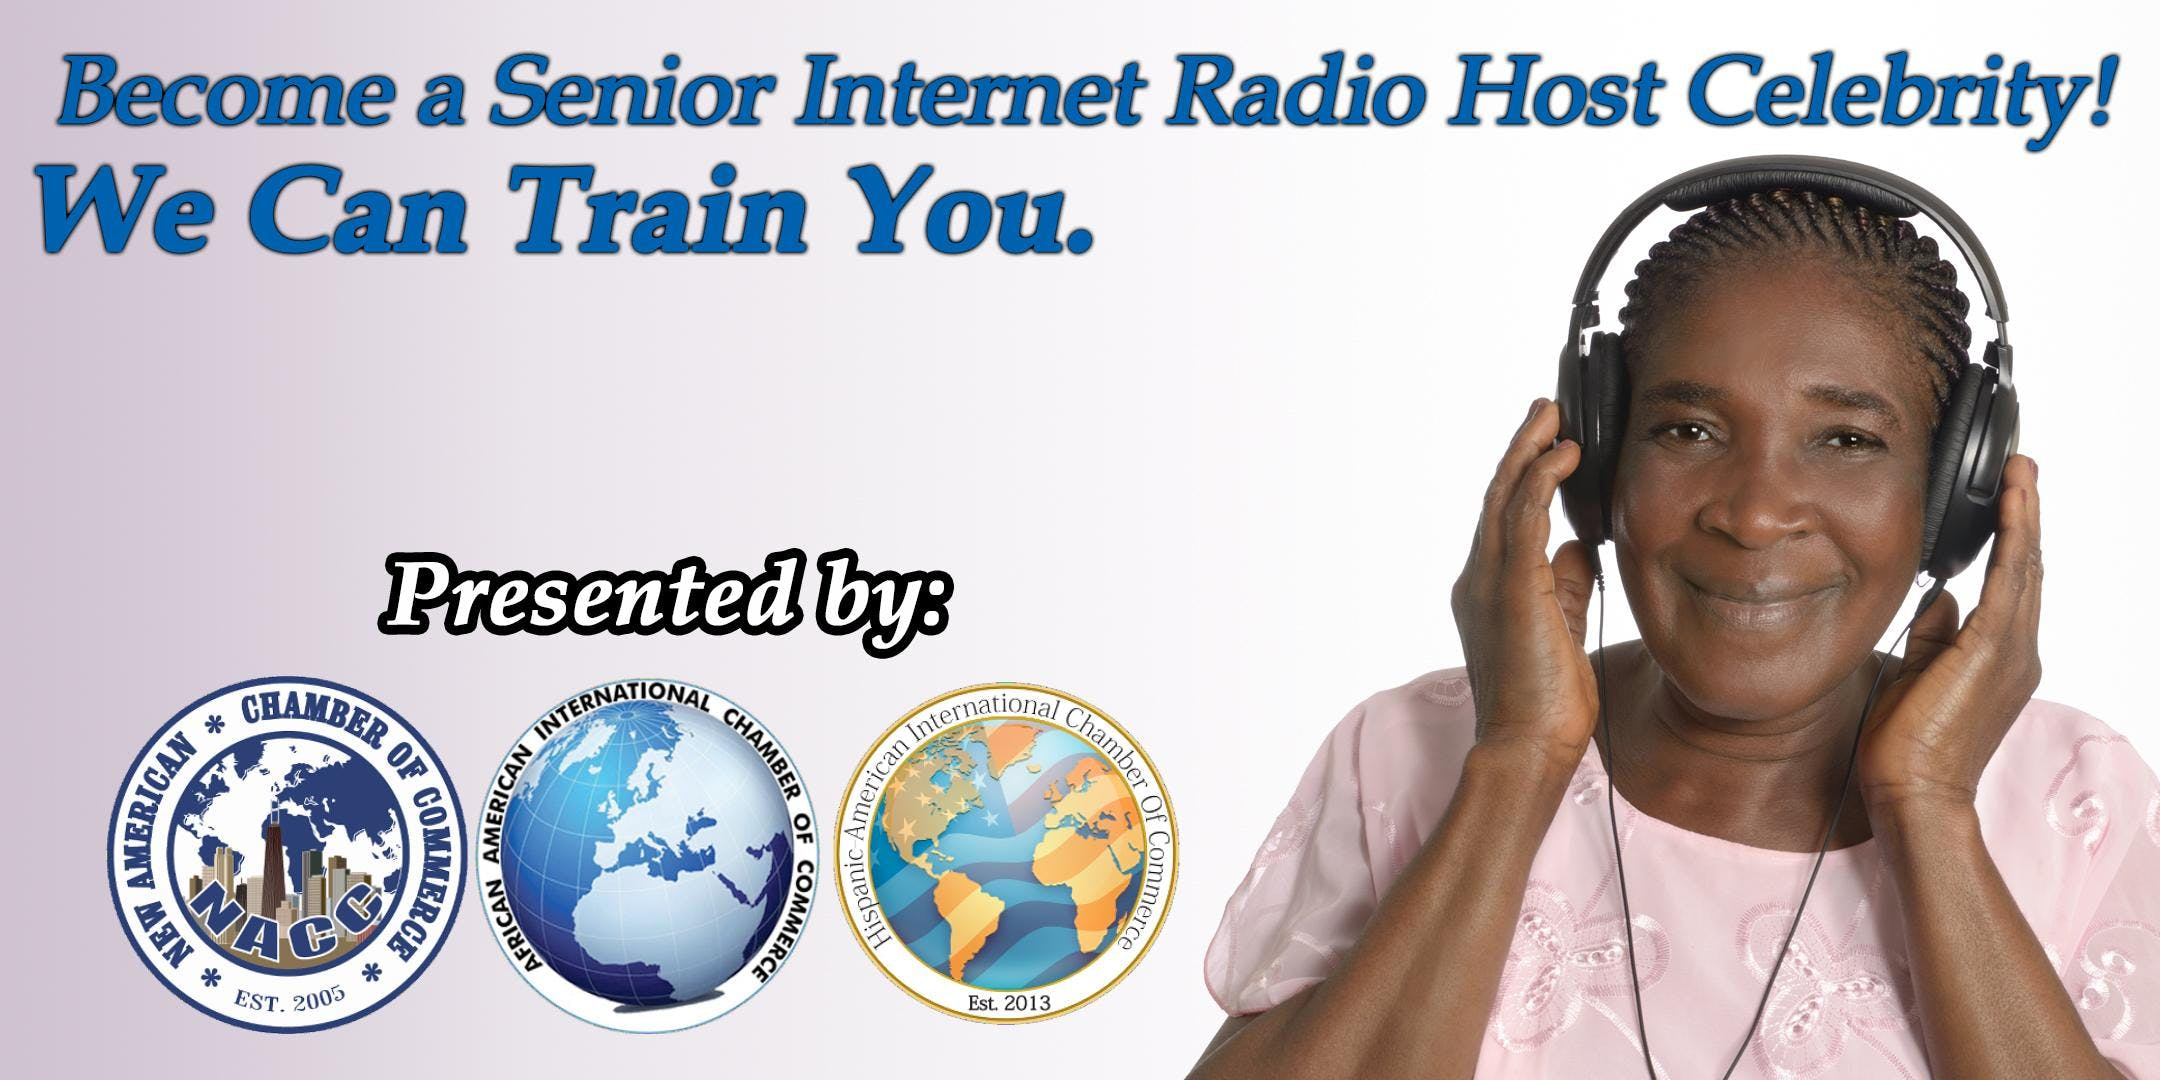 Become a Senior Internet Radio Host Celebrity!